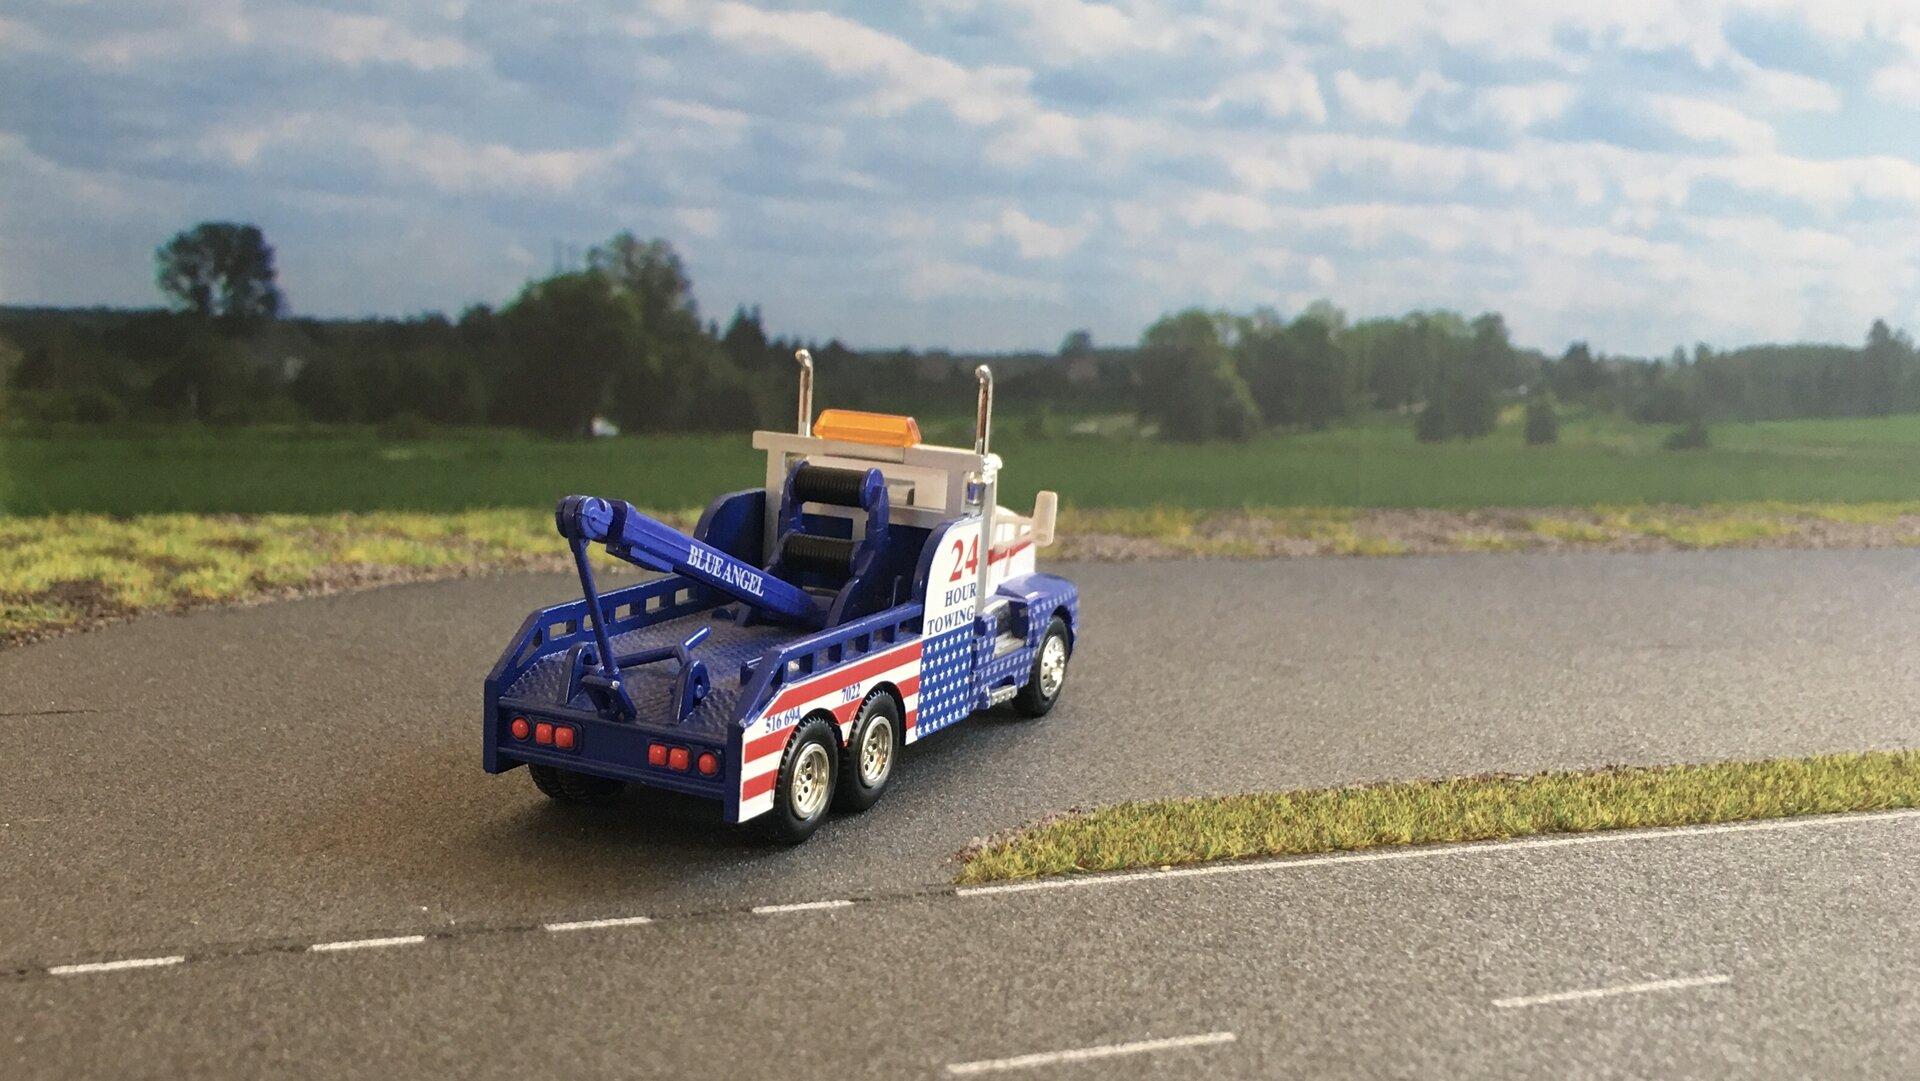 Kenworth Wrecker 002.jpg